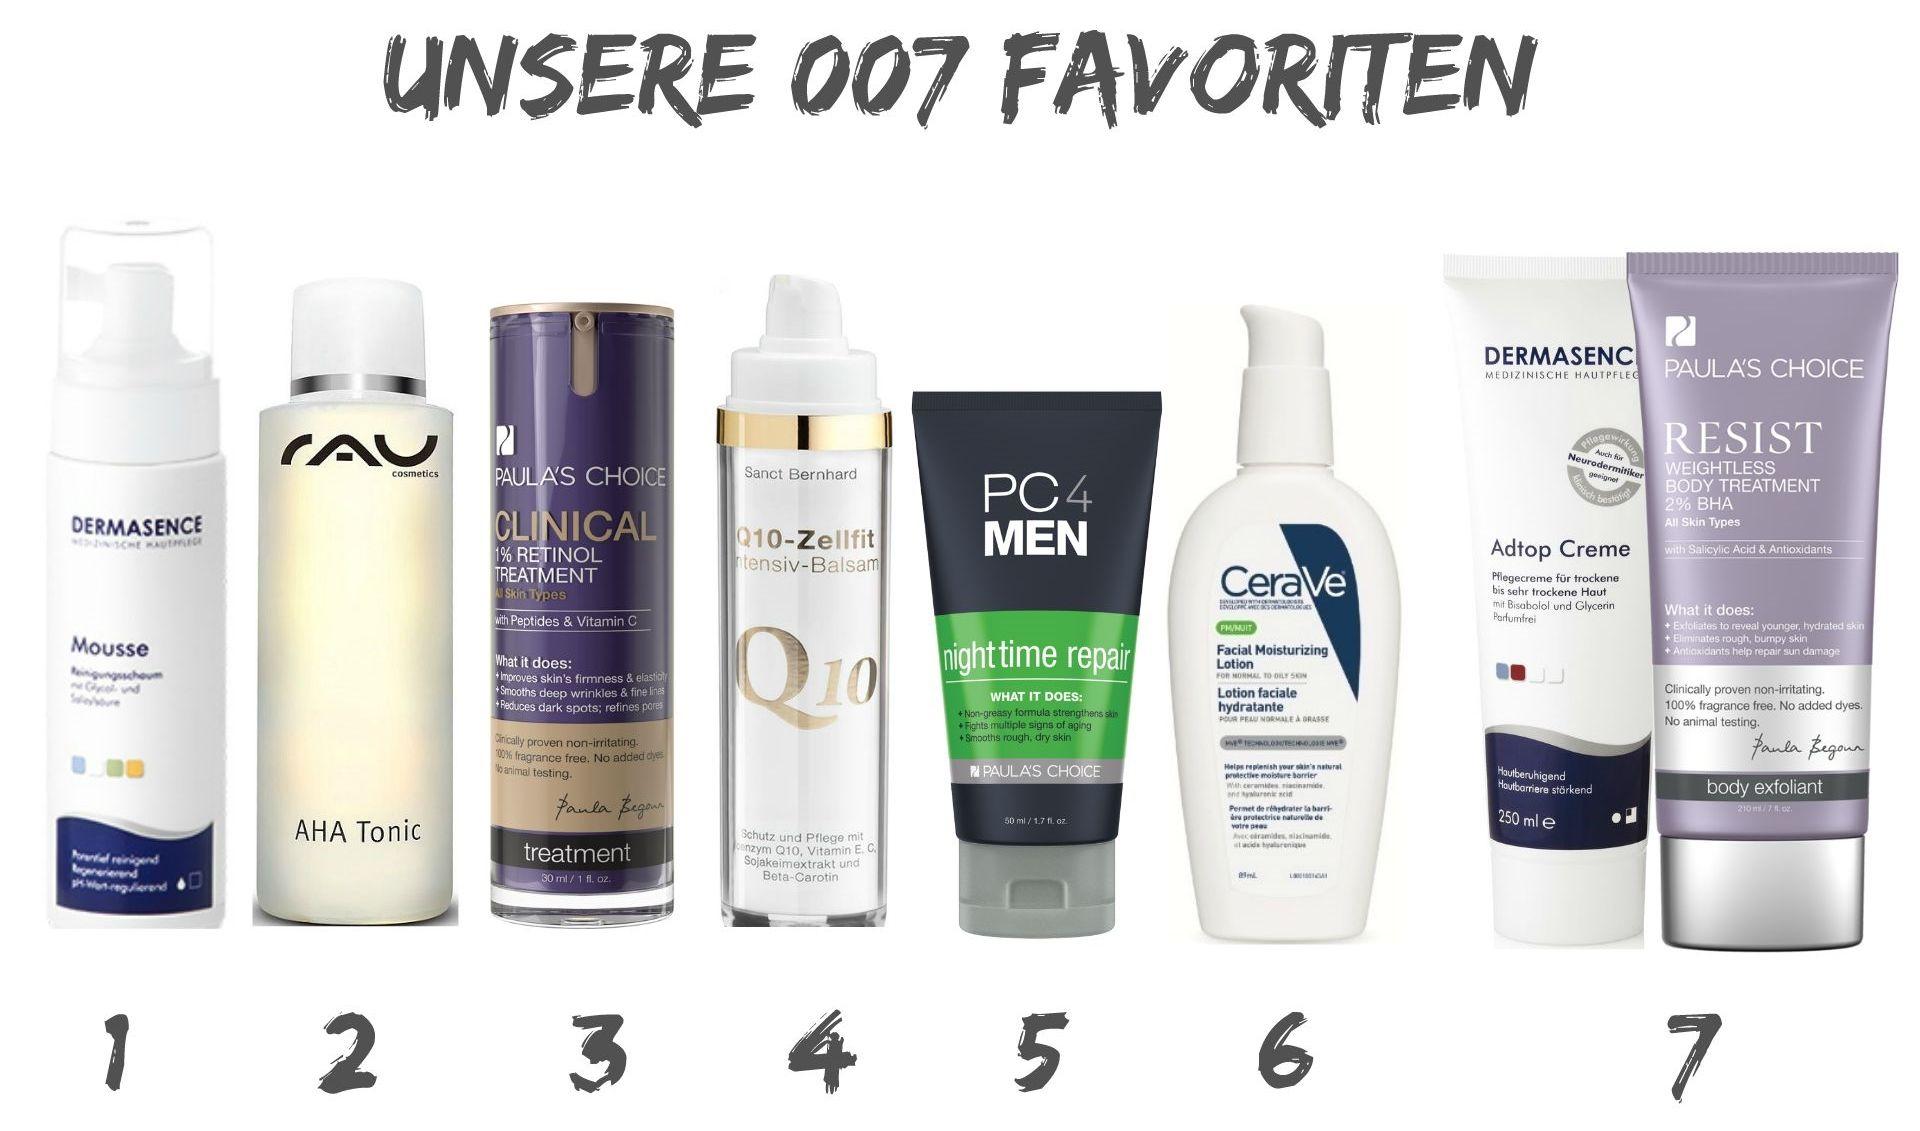 Männer Hautpflege Produkte, Hautpflege Routine, Routine Skin Care, Männer Pflege Routine, Männer Gesichtspflege, PC4Men, Super Twins Annalena und Magdalena